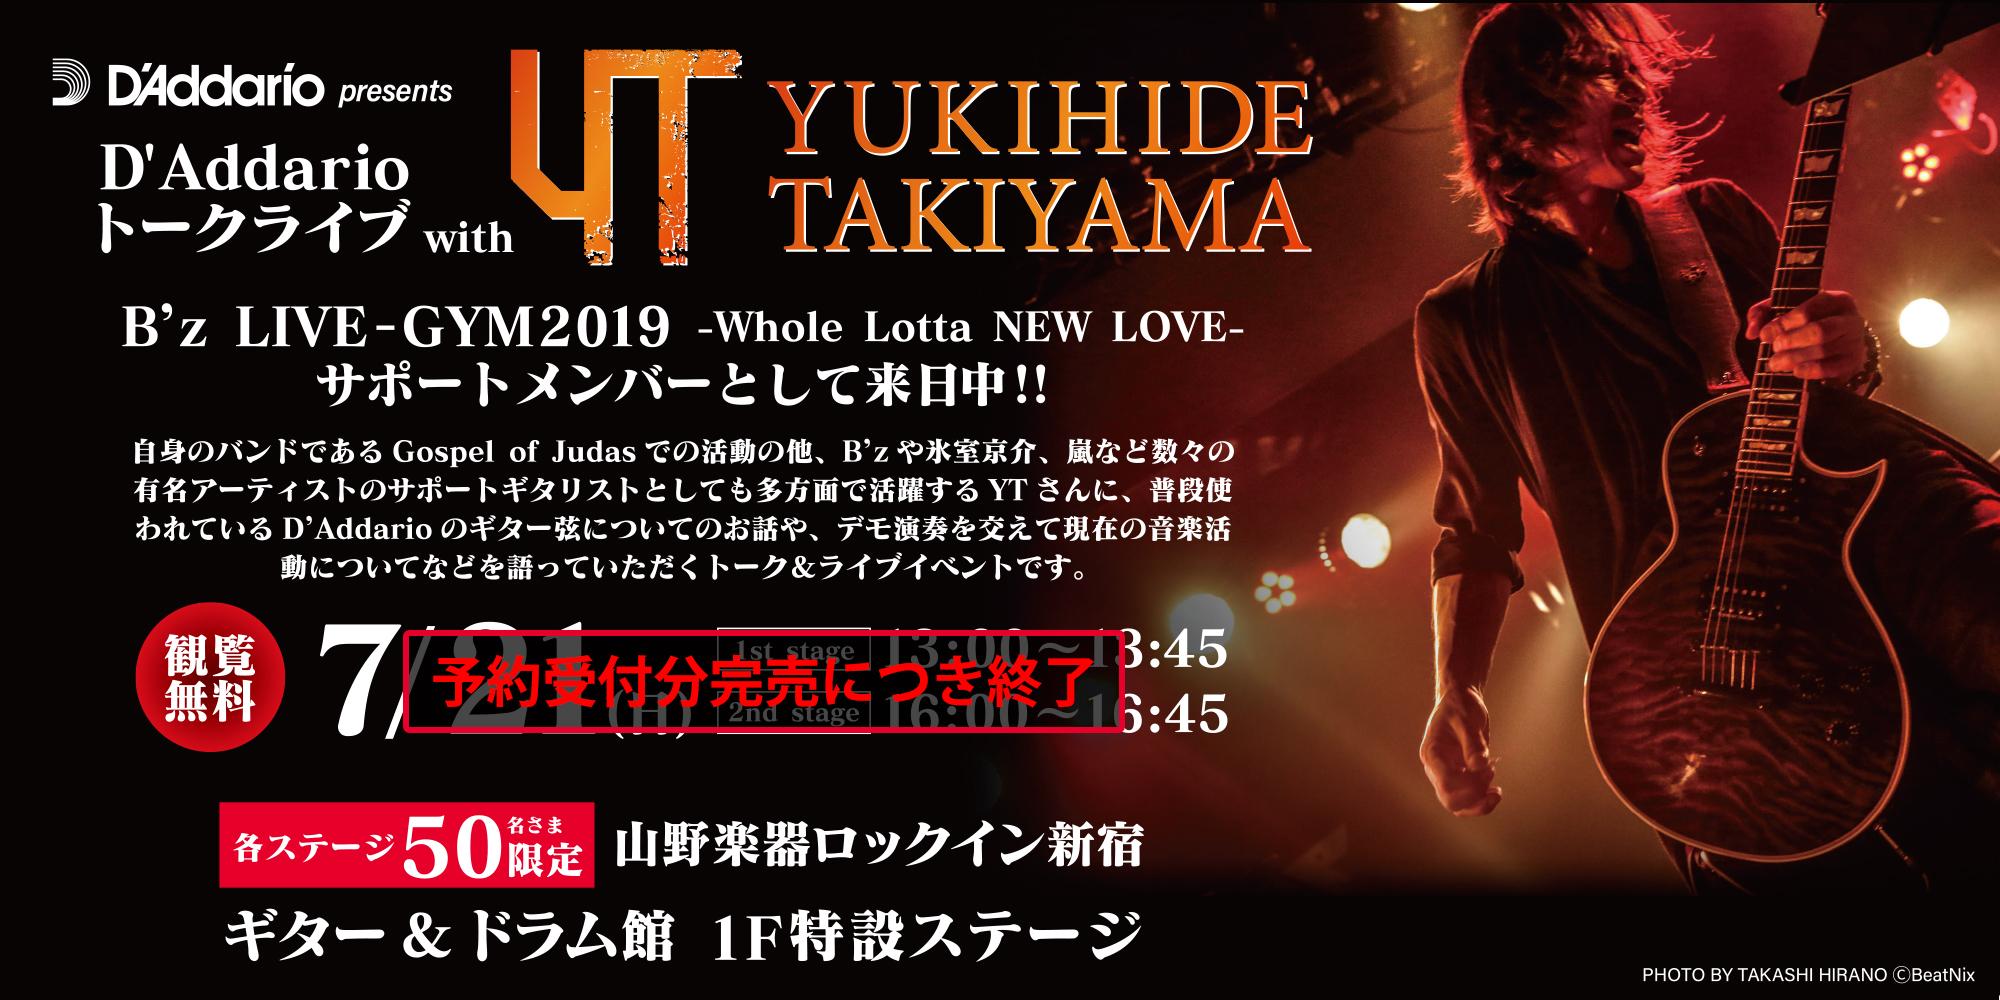 """イベント情報『D'Addario live with Yukihide """"YT"""" Takiyama』【 7月21日(日)】@山野楽器ロックイン新宿店にて開催決定!"""